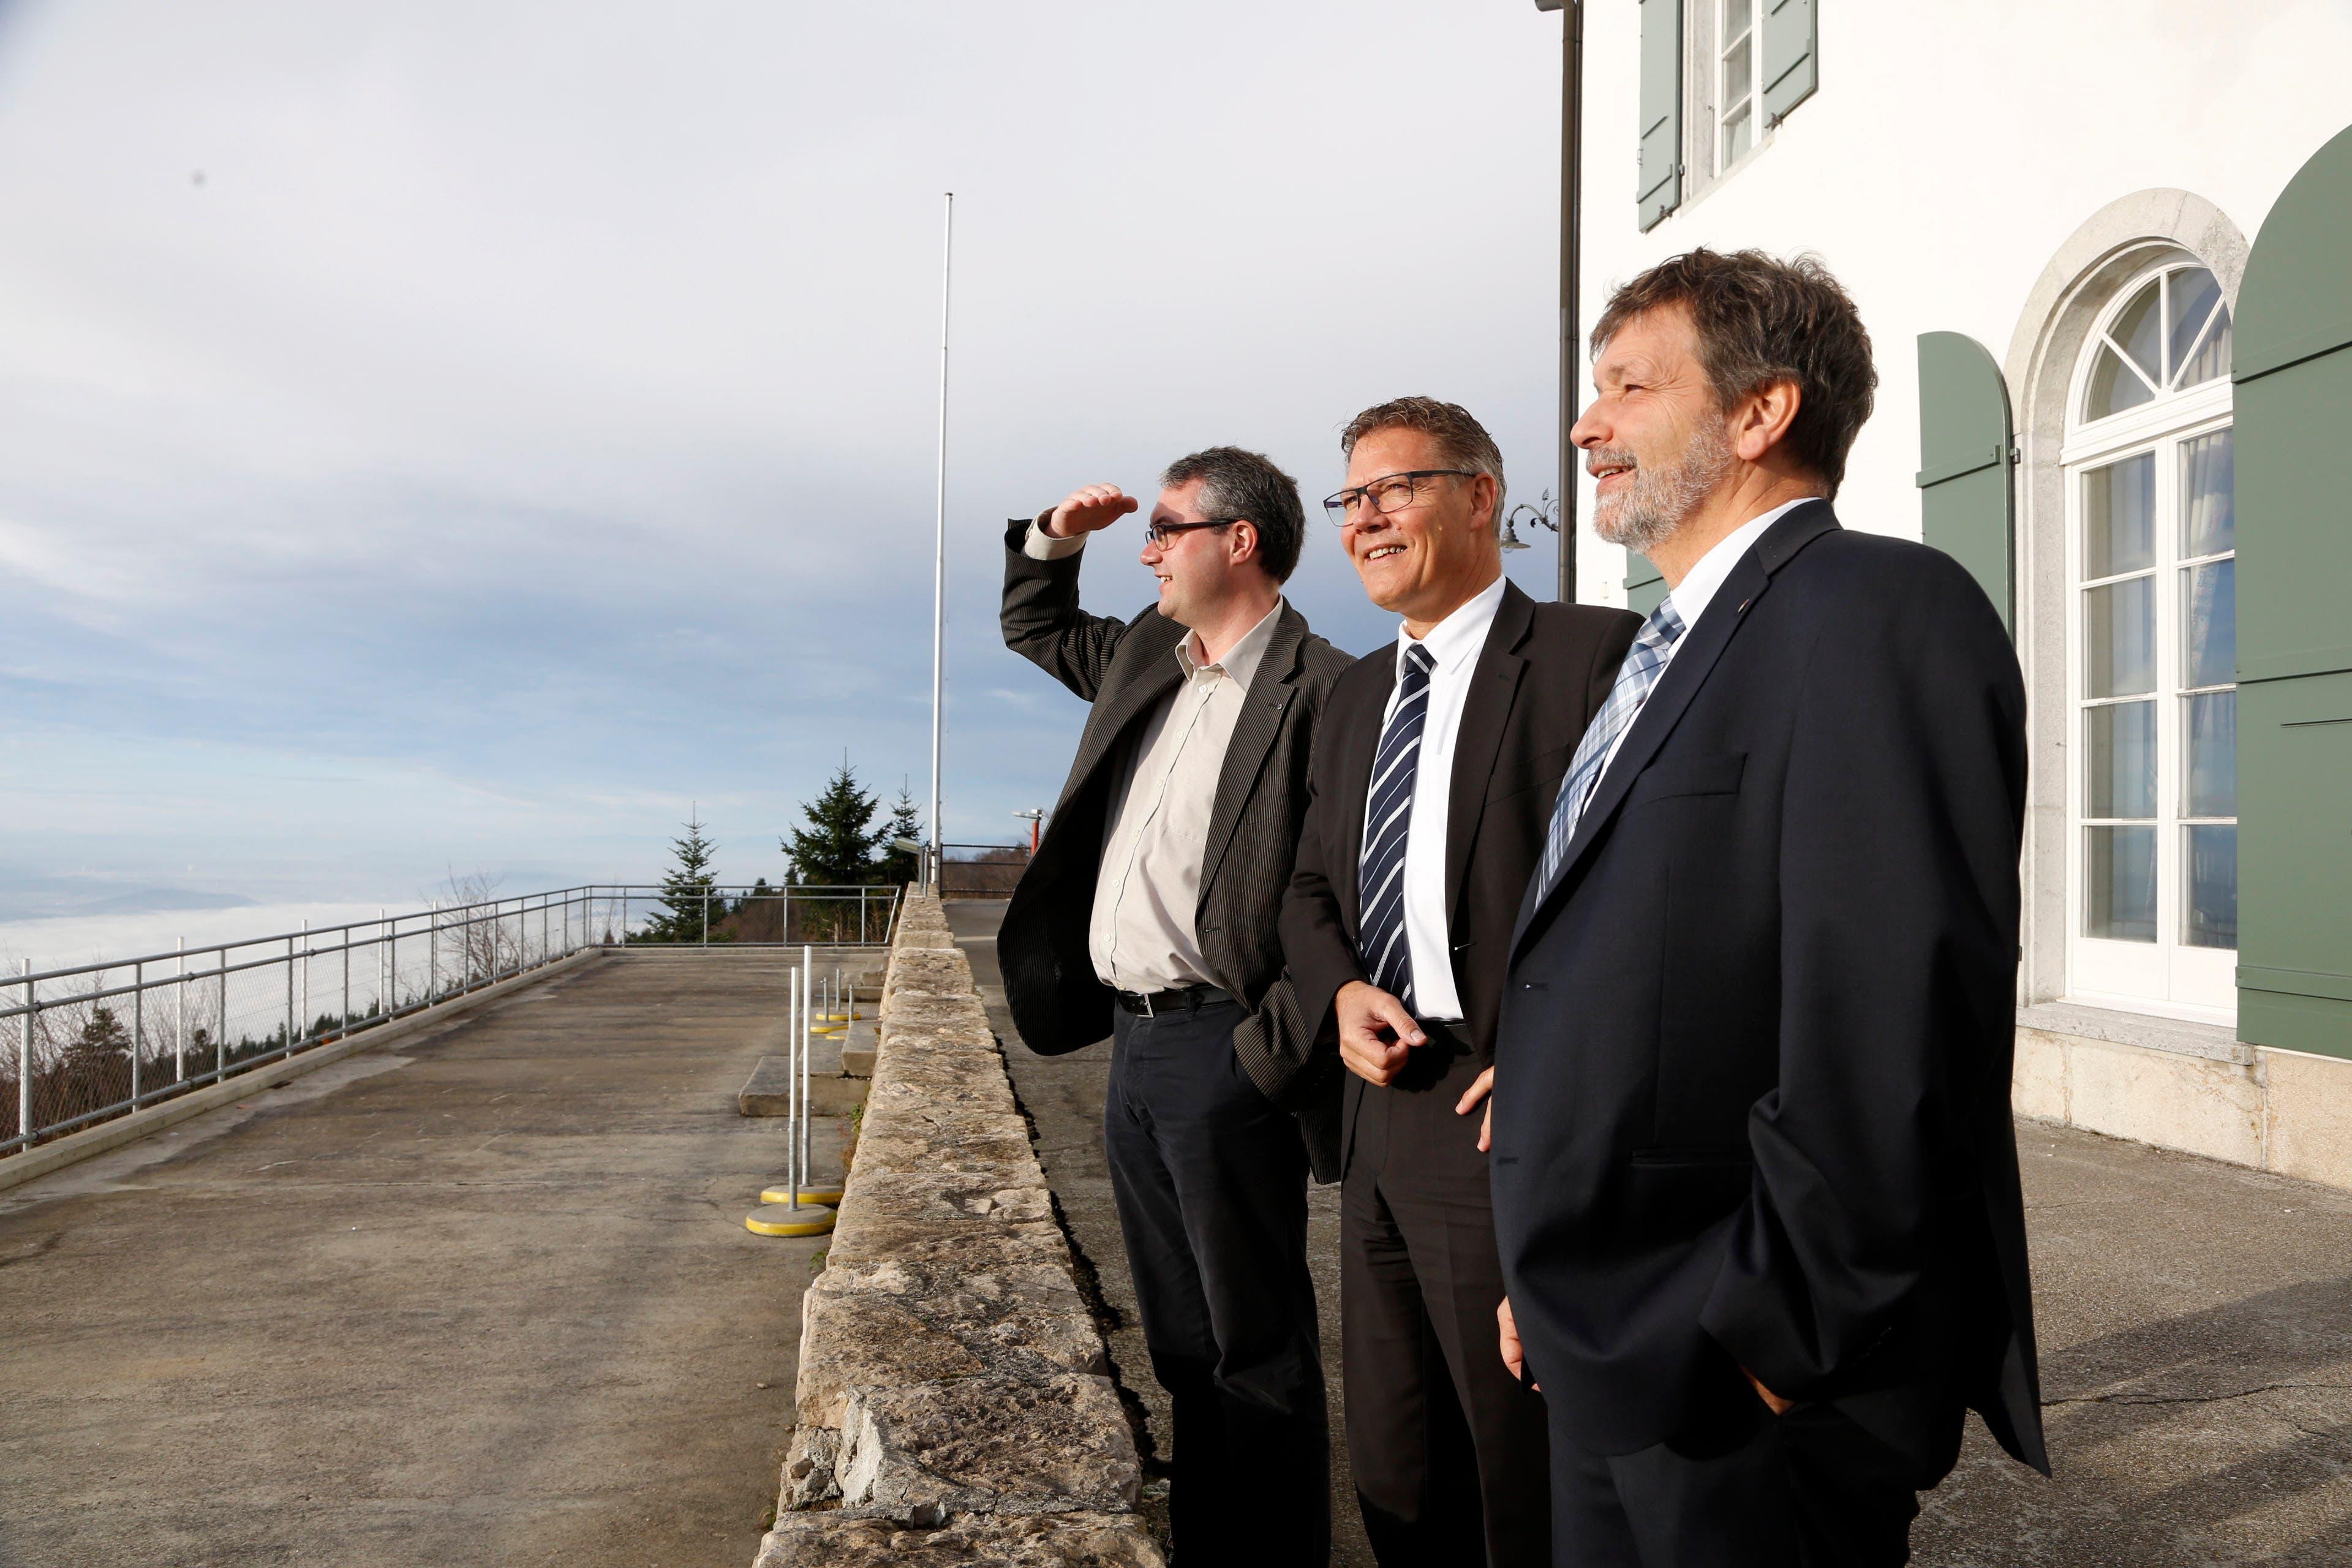 Hier posiert Roland anlässlich der 100 Tage im Amt zusammen mit den ebenfalls neu gewählten Kollegen Remo Ankli und Roland Heim auf dem Weissenstein.